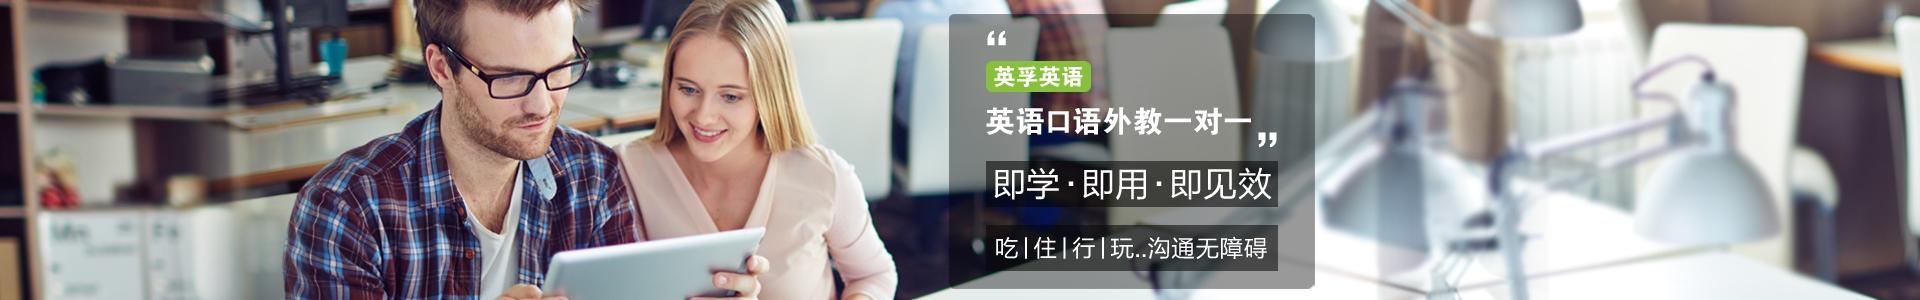 深圳英孚成人英语培训机构